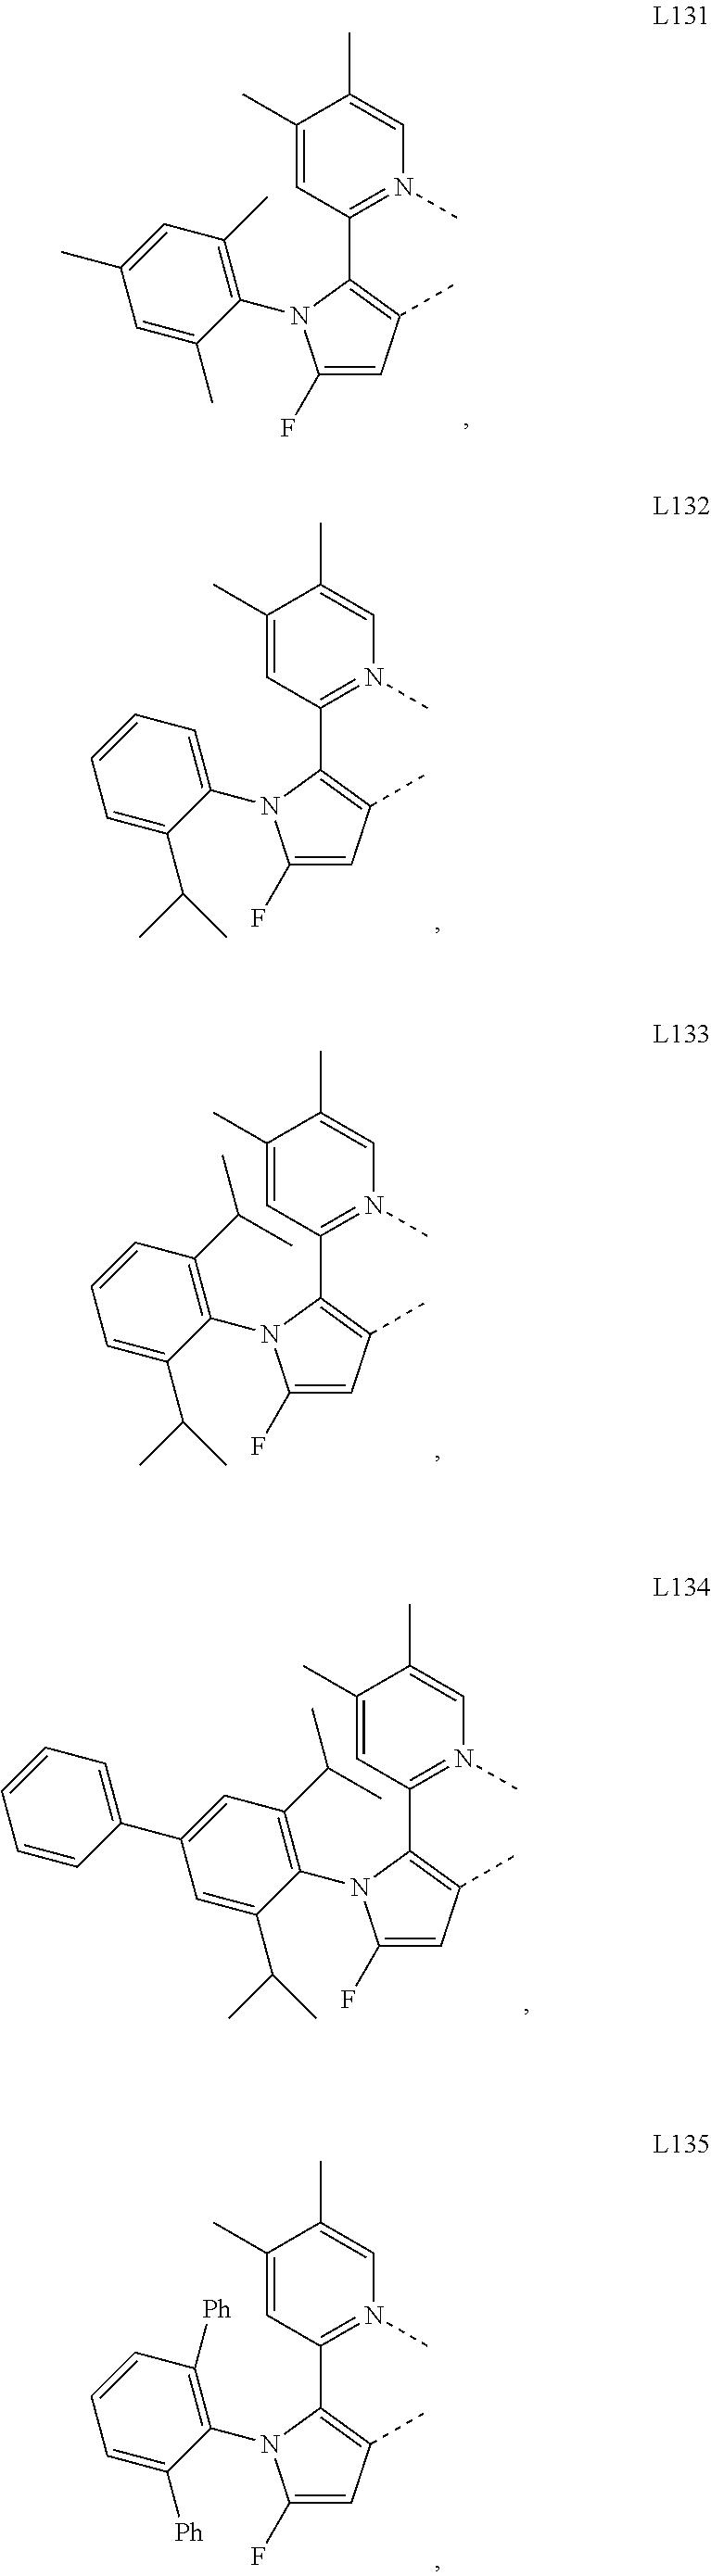 Figure US09935277-20180403-C00031